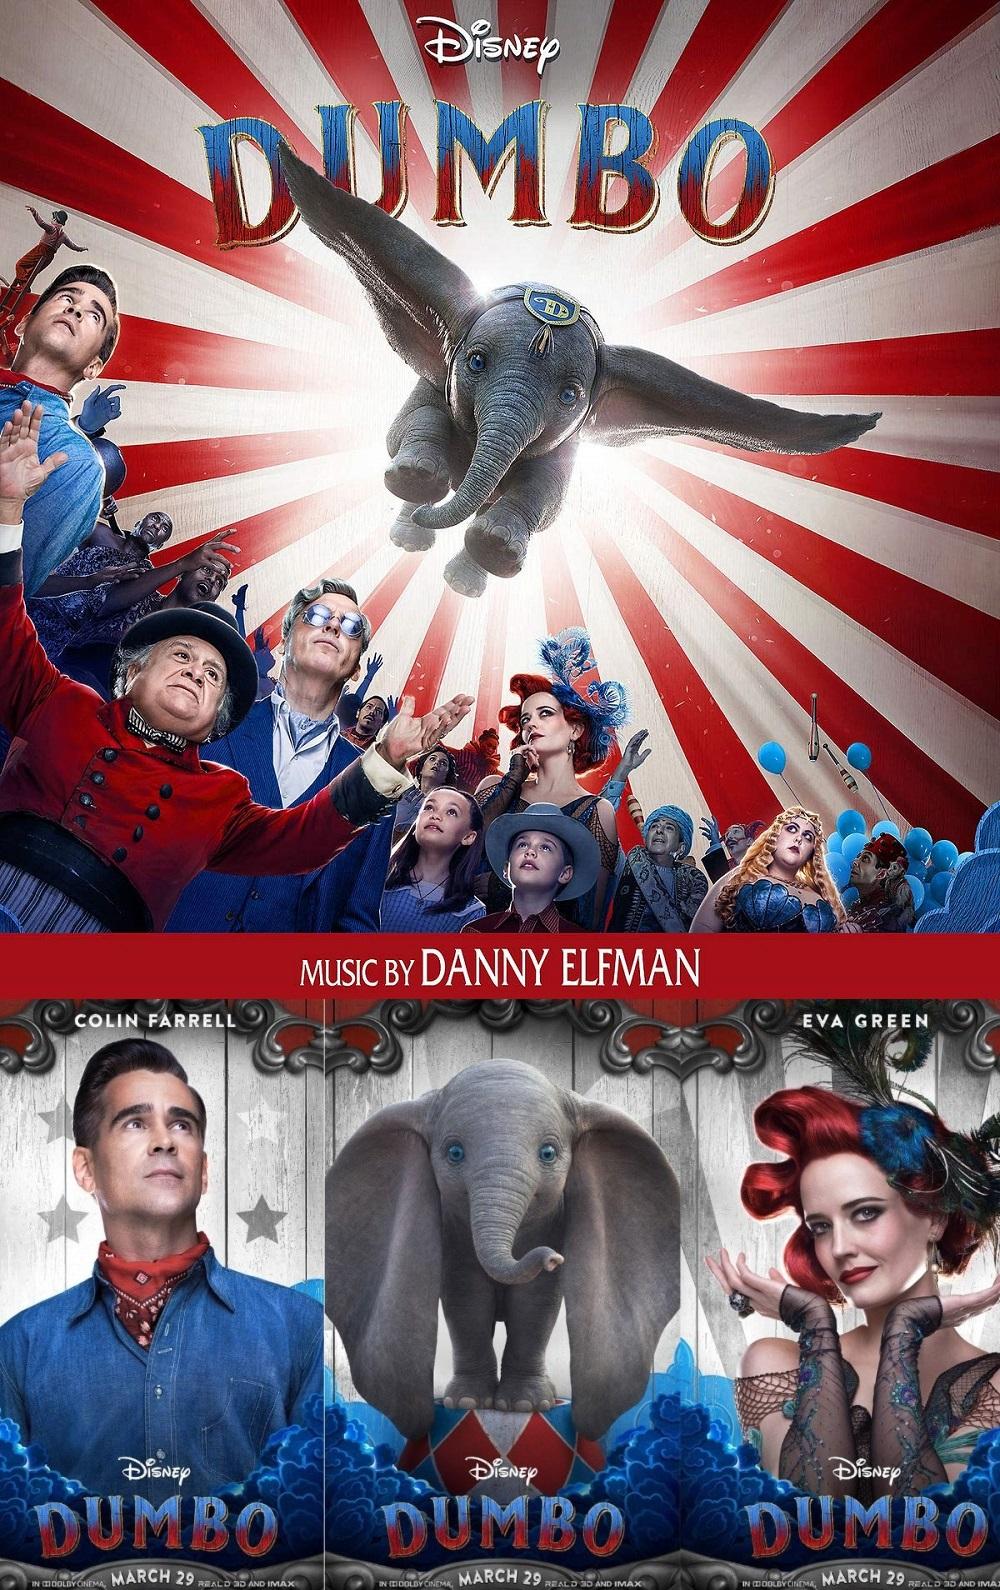 Dumbo (2018)